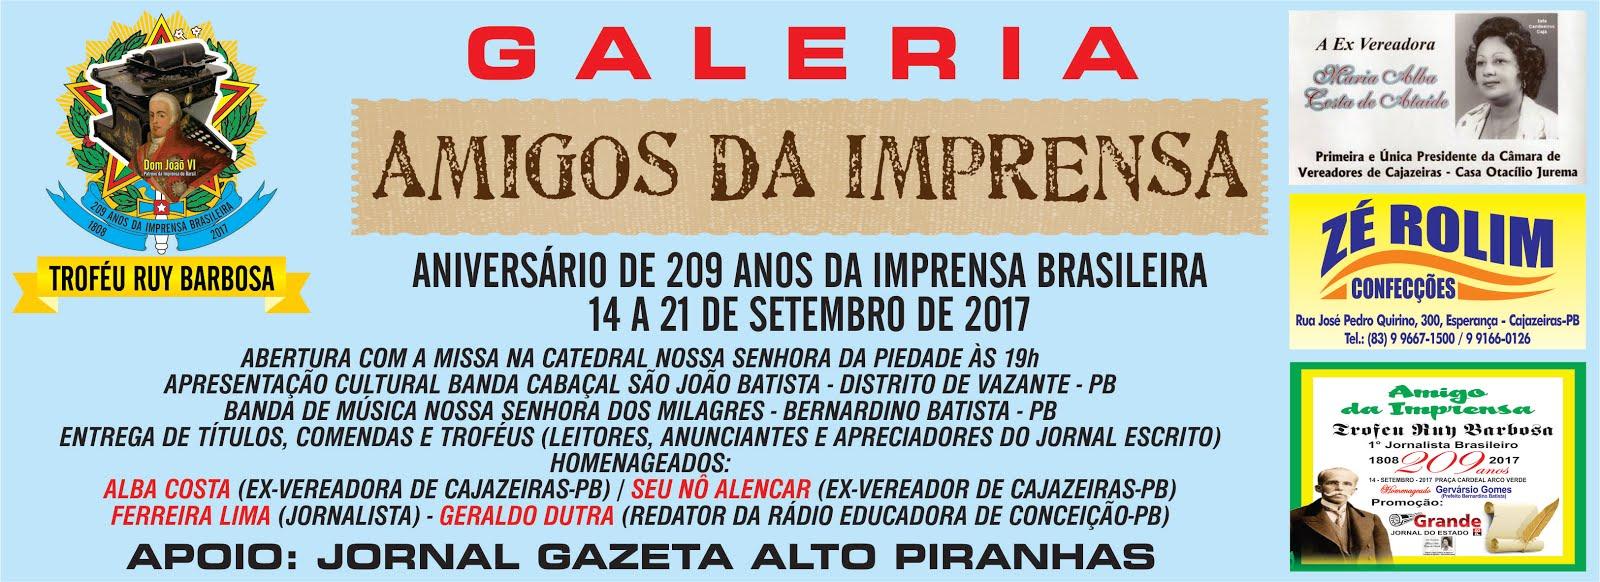 ESTAMOS COMEMORANDO OS  209 ANOS DA IMPRENSA ESCRITA DO BRASIL